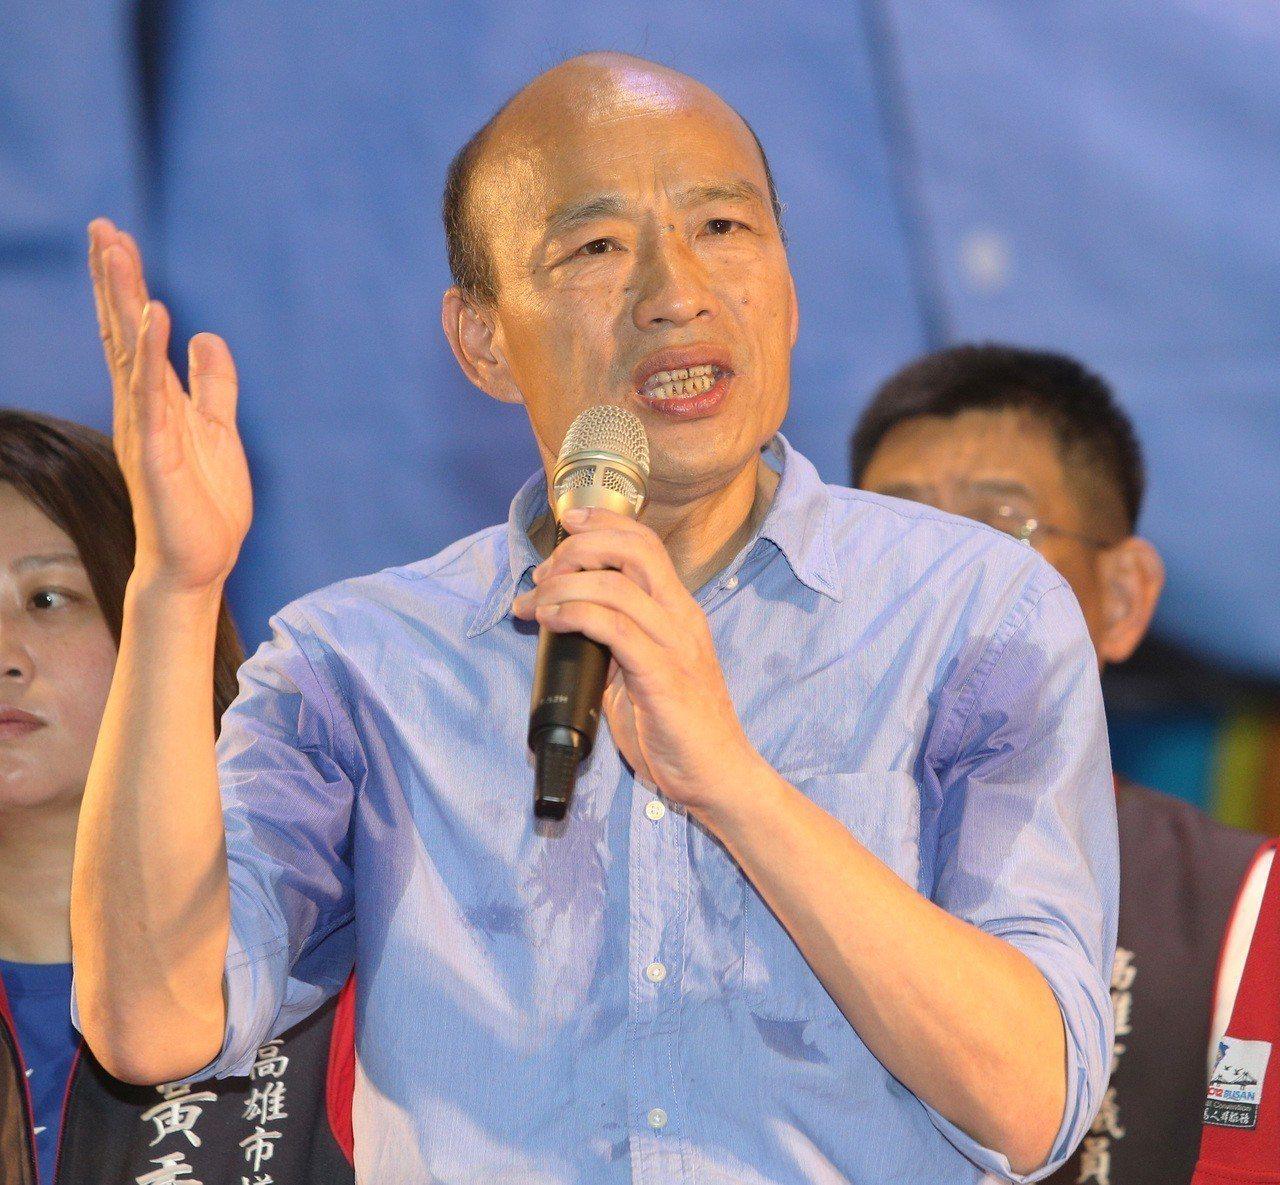 國民黨高雄市長候選人韓國瑜站上造勢台,不忘反諷綠營對他的種種攻擊。記者劉學聖/攝...